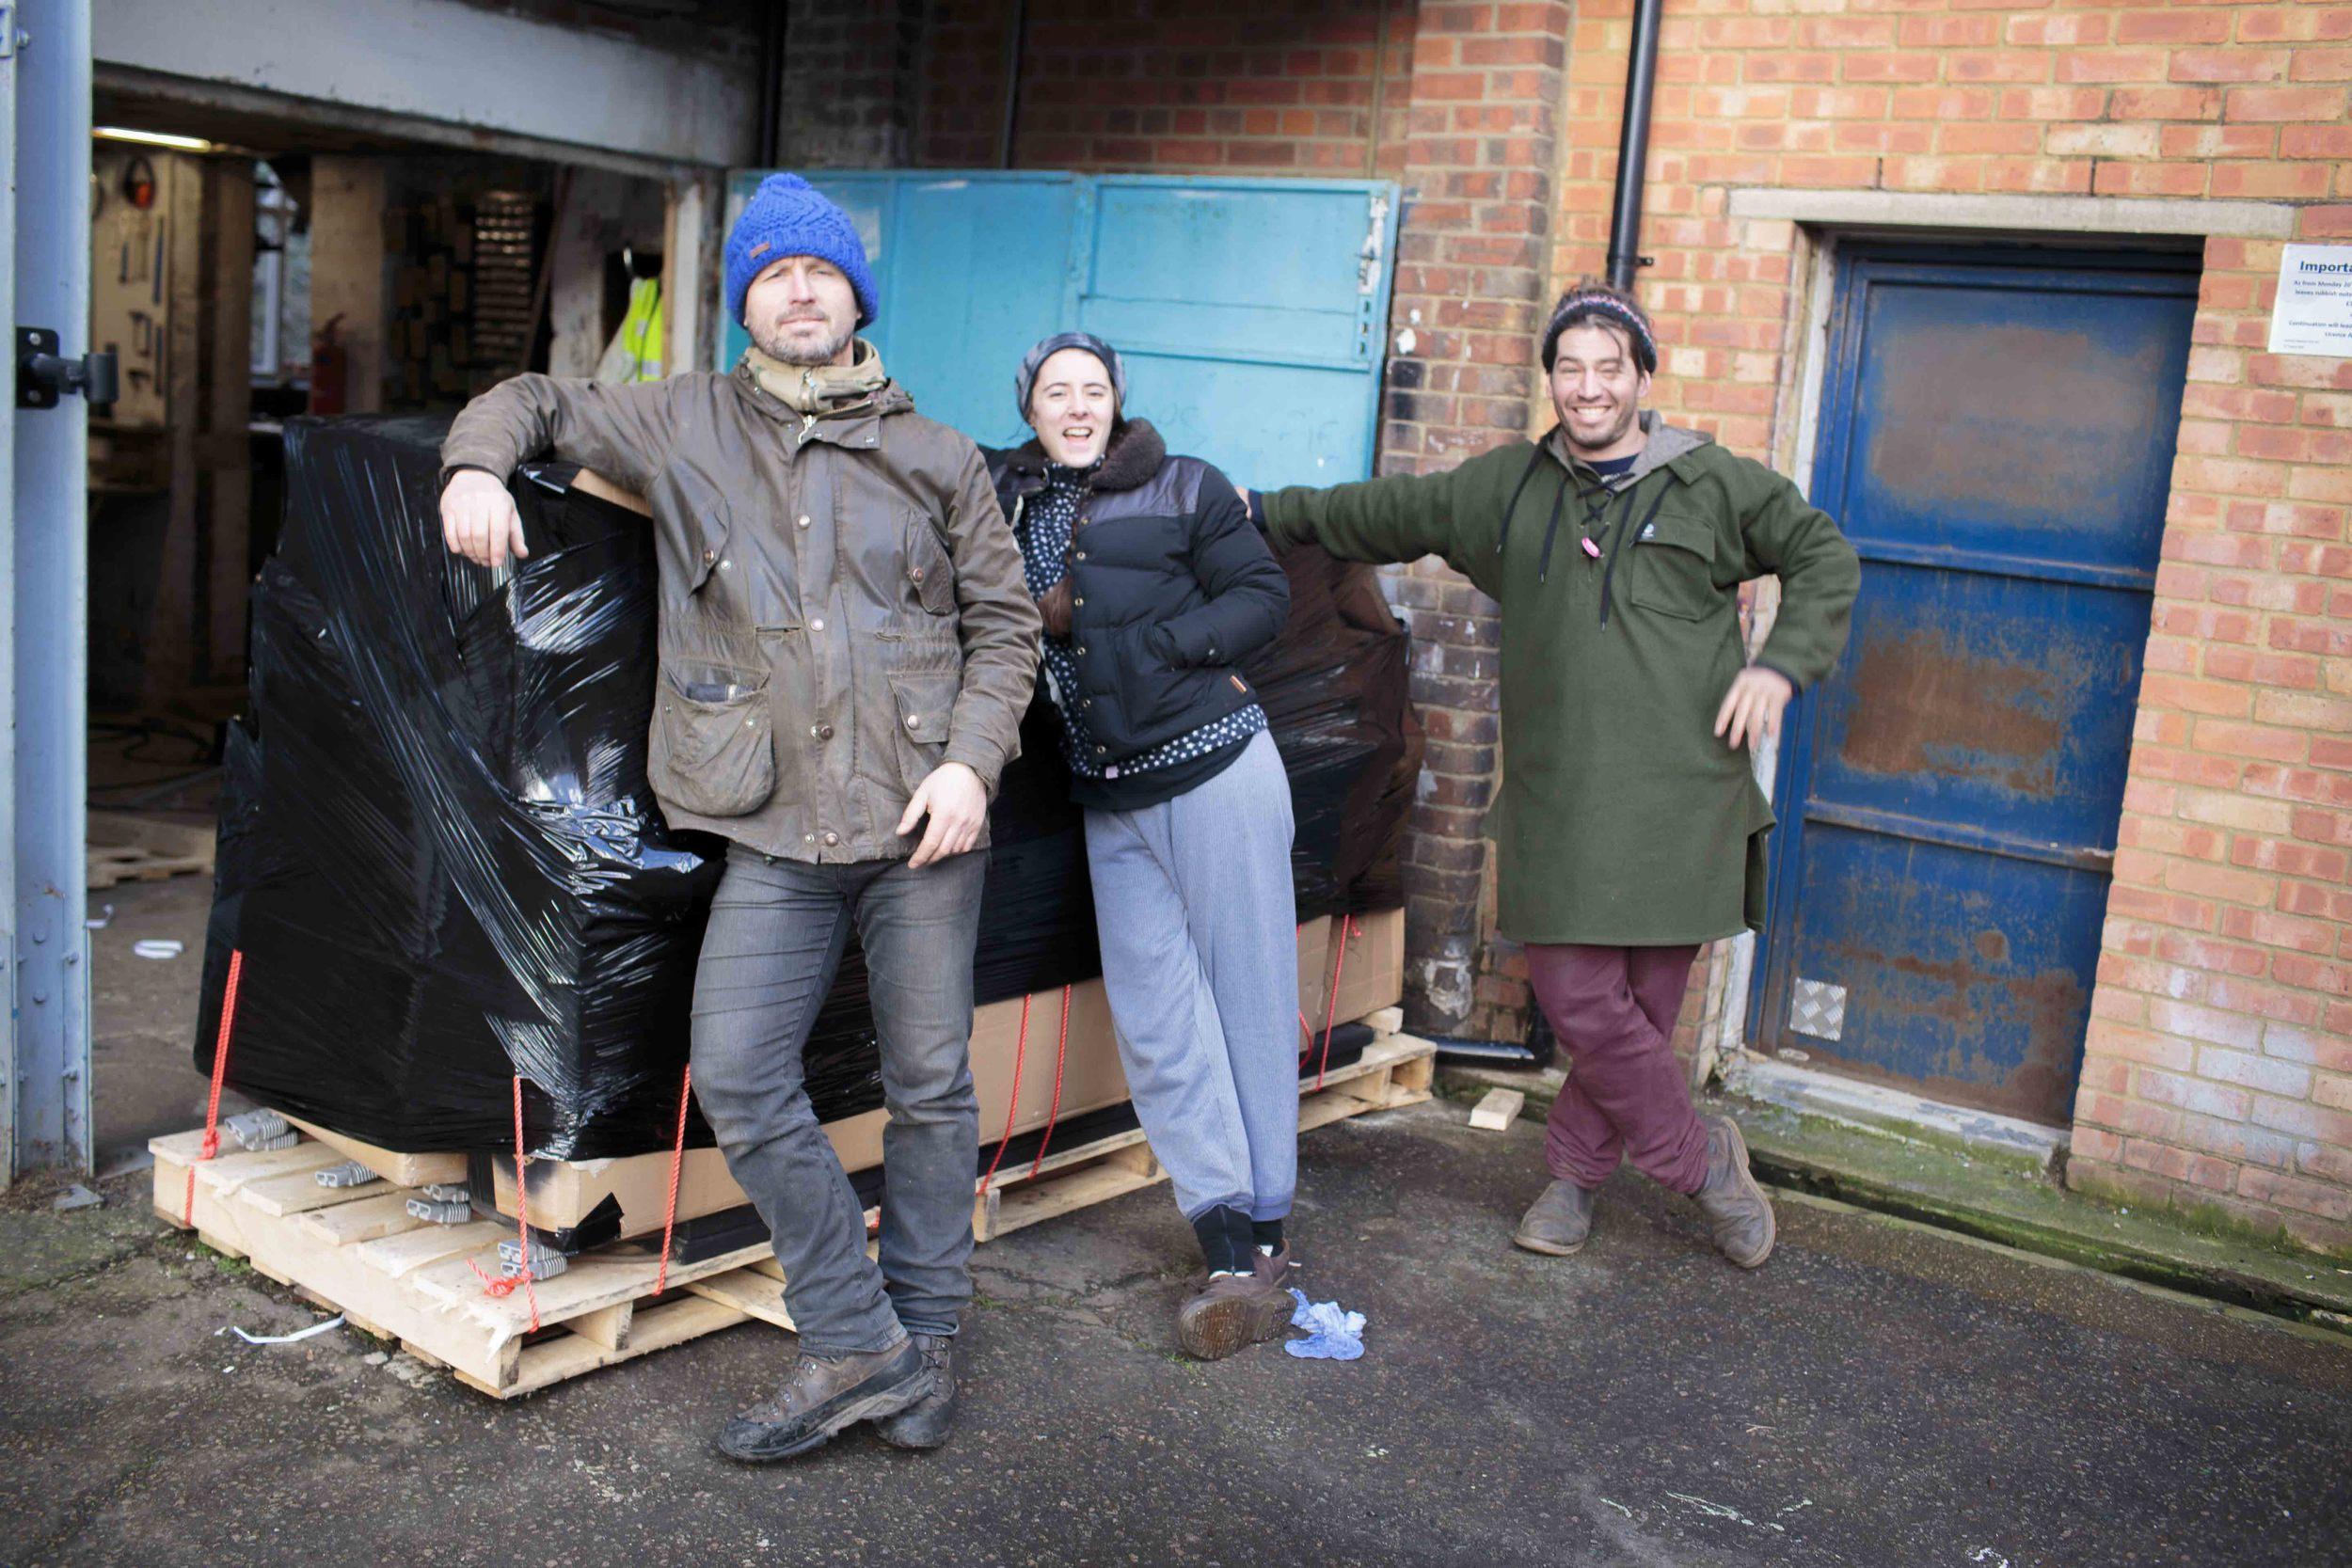 Electric Pedals team Peckham